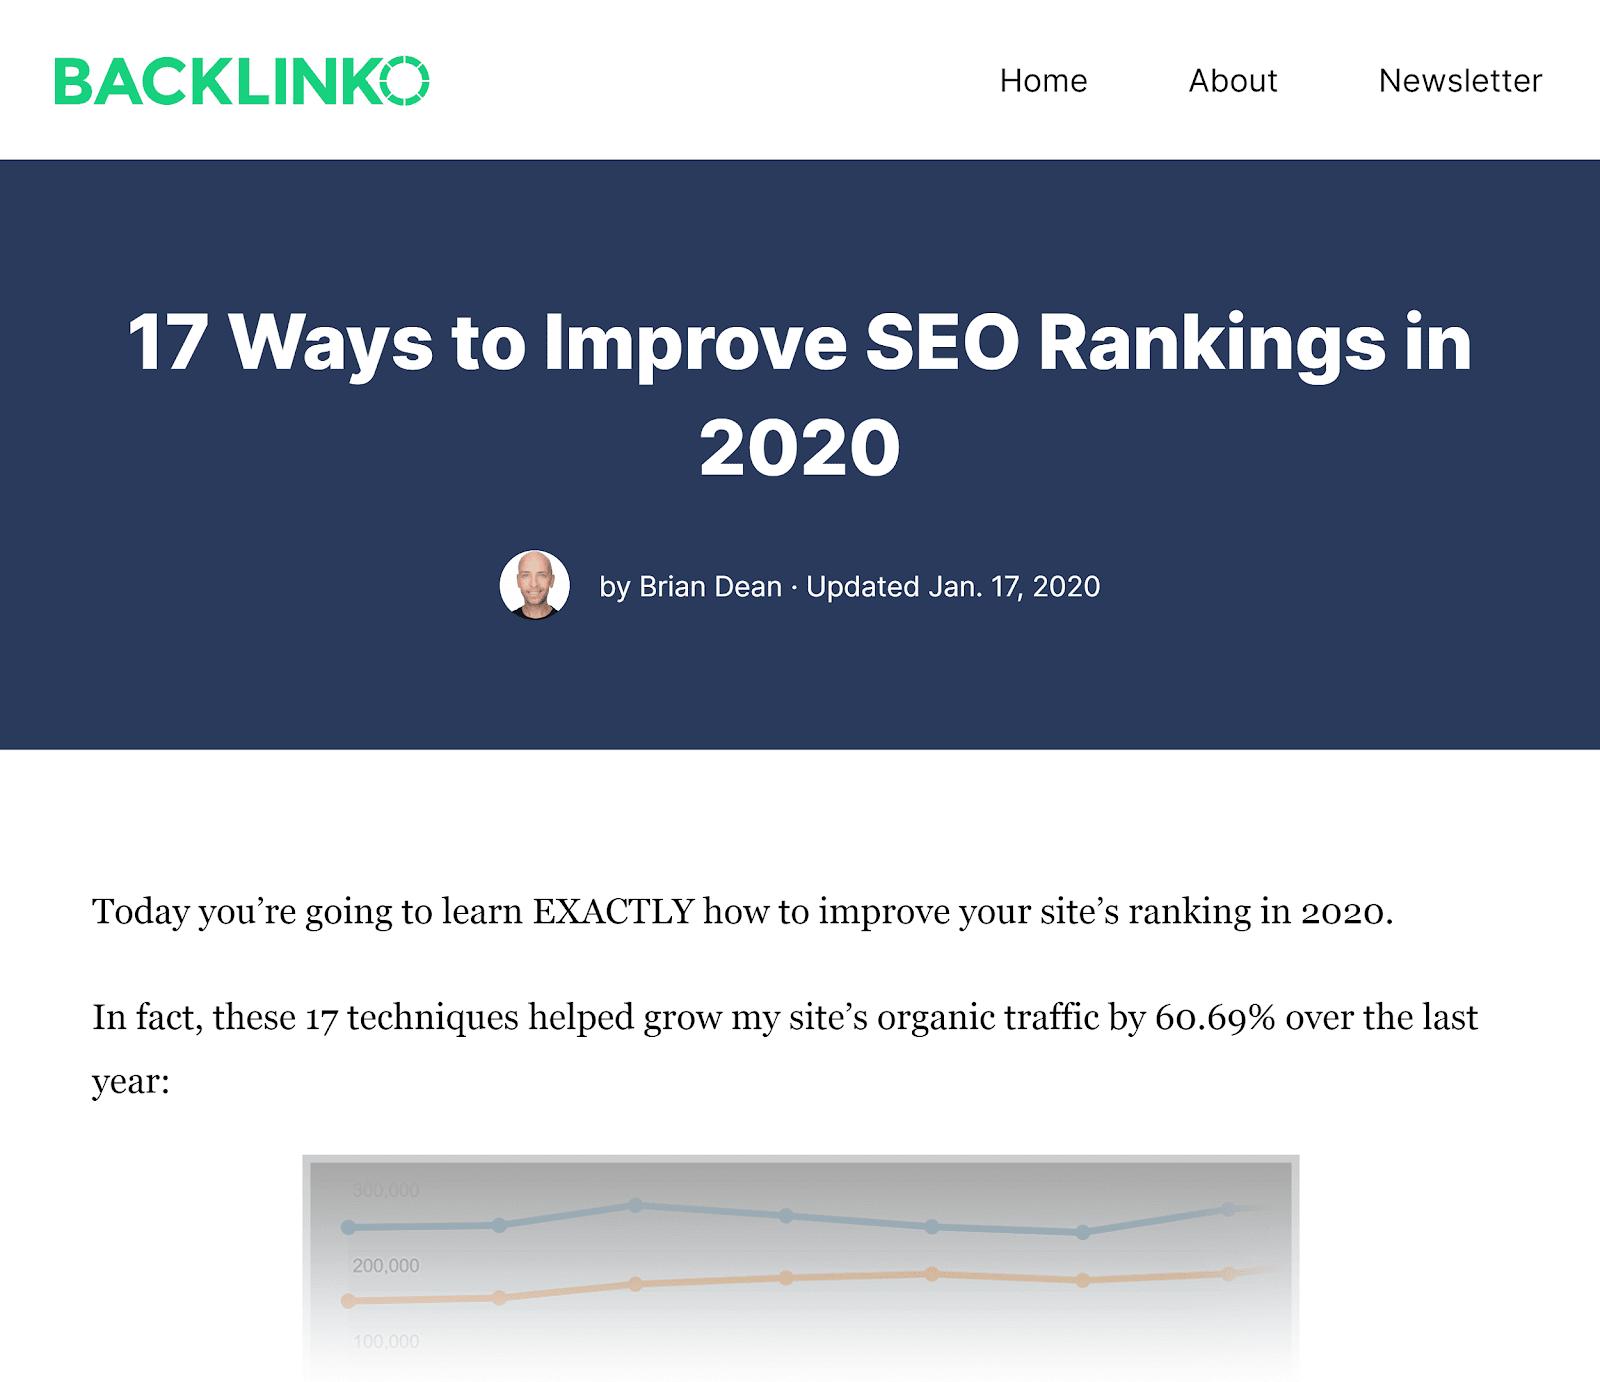 Backlinko - Cải thiện bài viết SEO của bạn